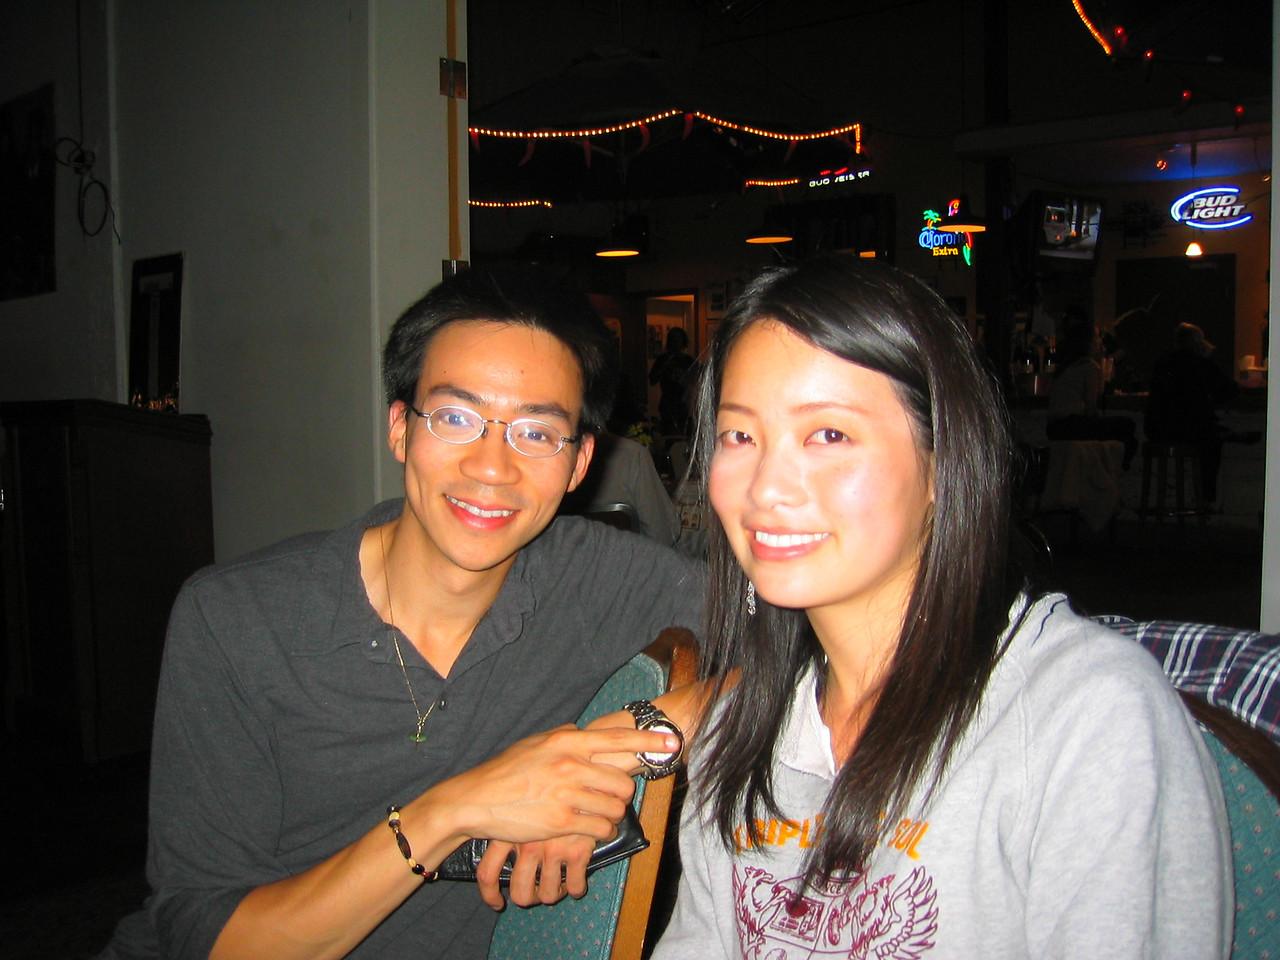 2004 05 15 Saturday - @ Everett & Jones back room jazz - Ben & Estee